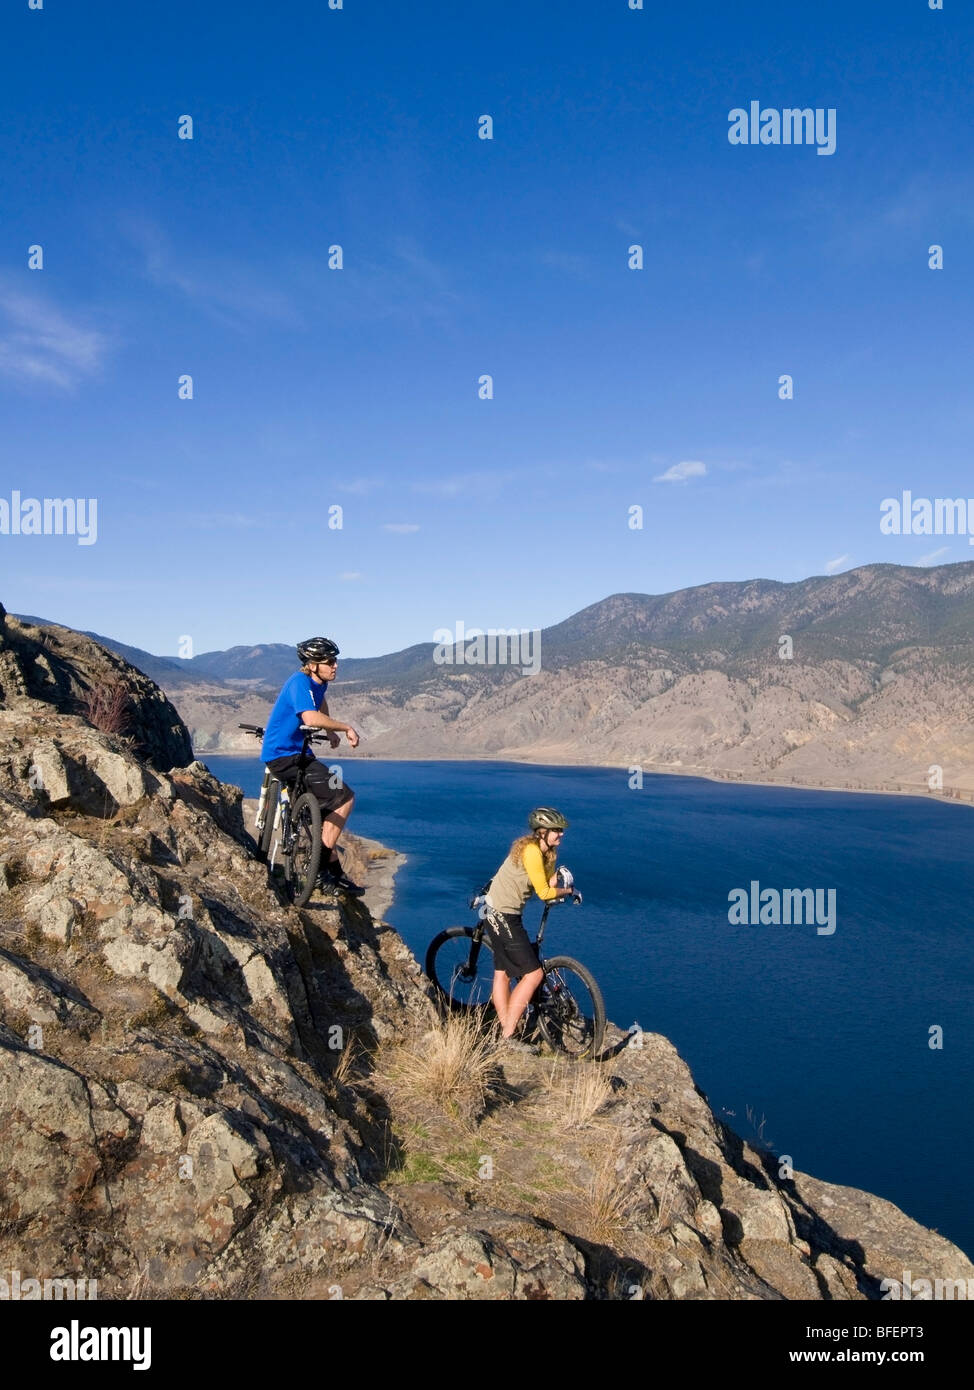 Pareja joven disfrutando de la vista de Kamloops Lake mientras el ciclismo de montaña en un hermoso día Imagen De Stock